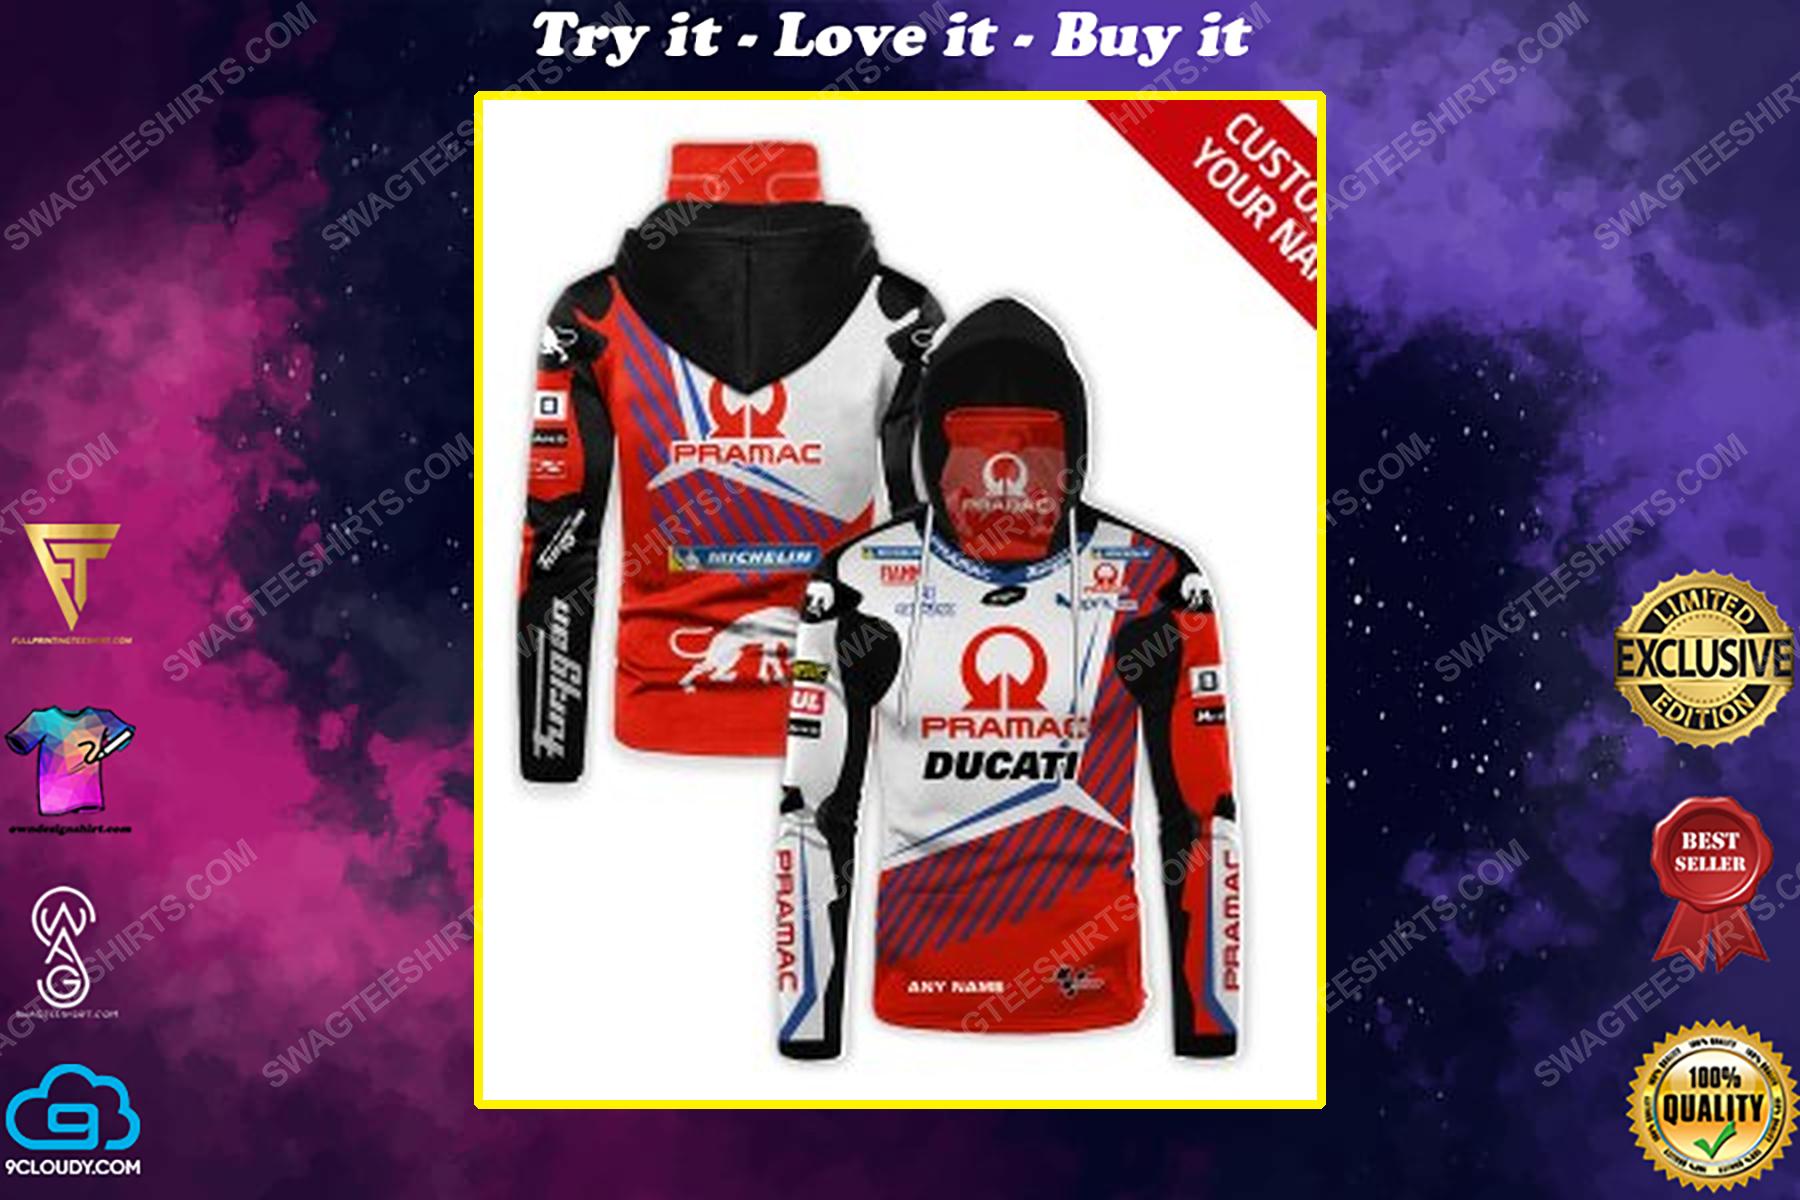 Custom name pramac racing ducati full print mask hoodie